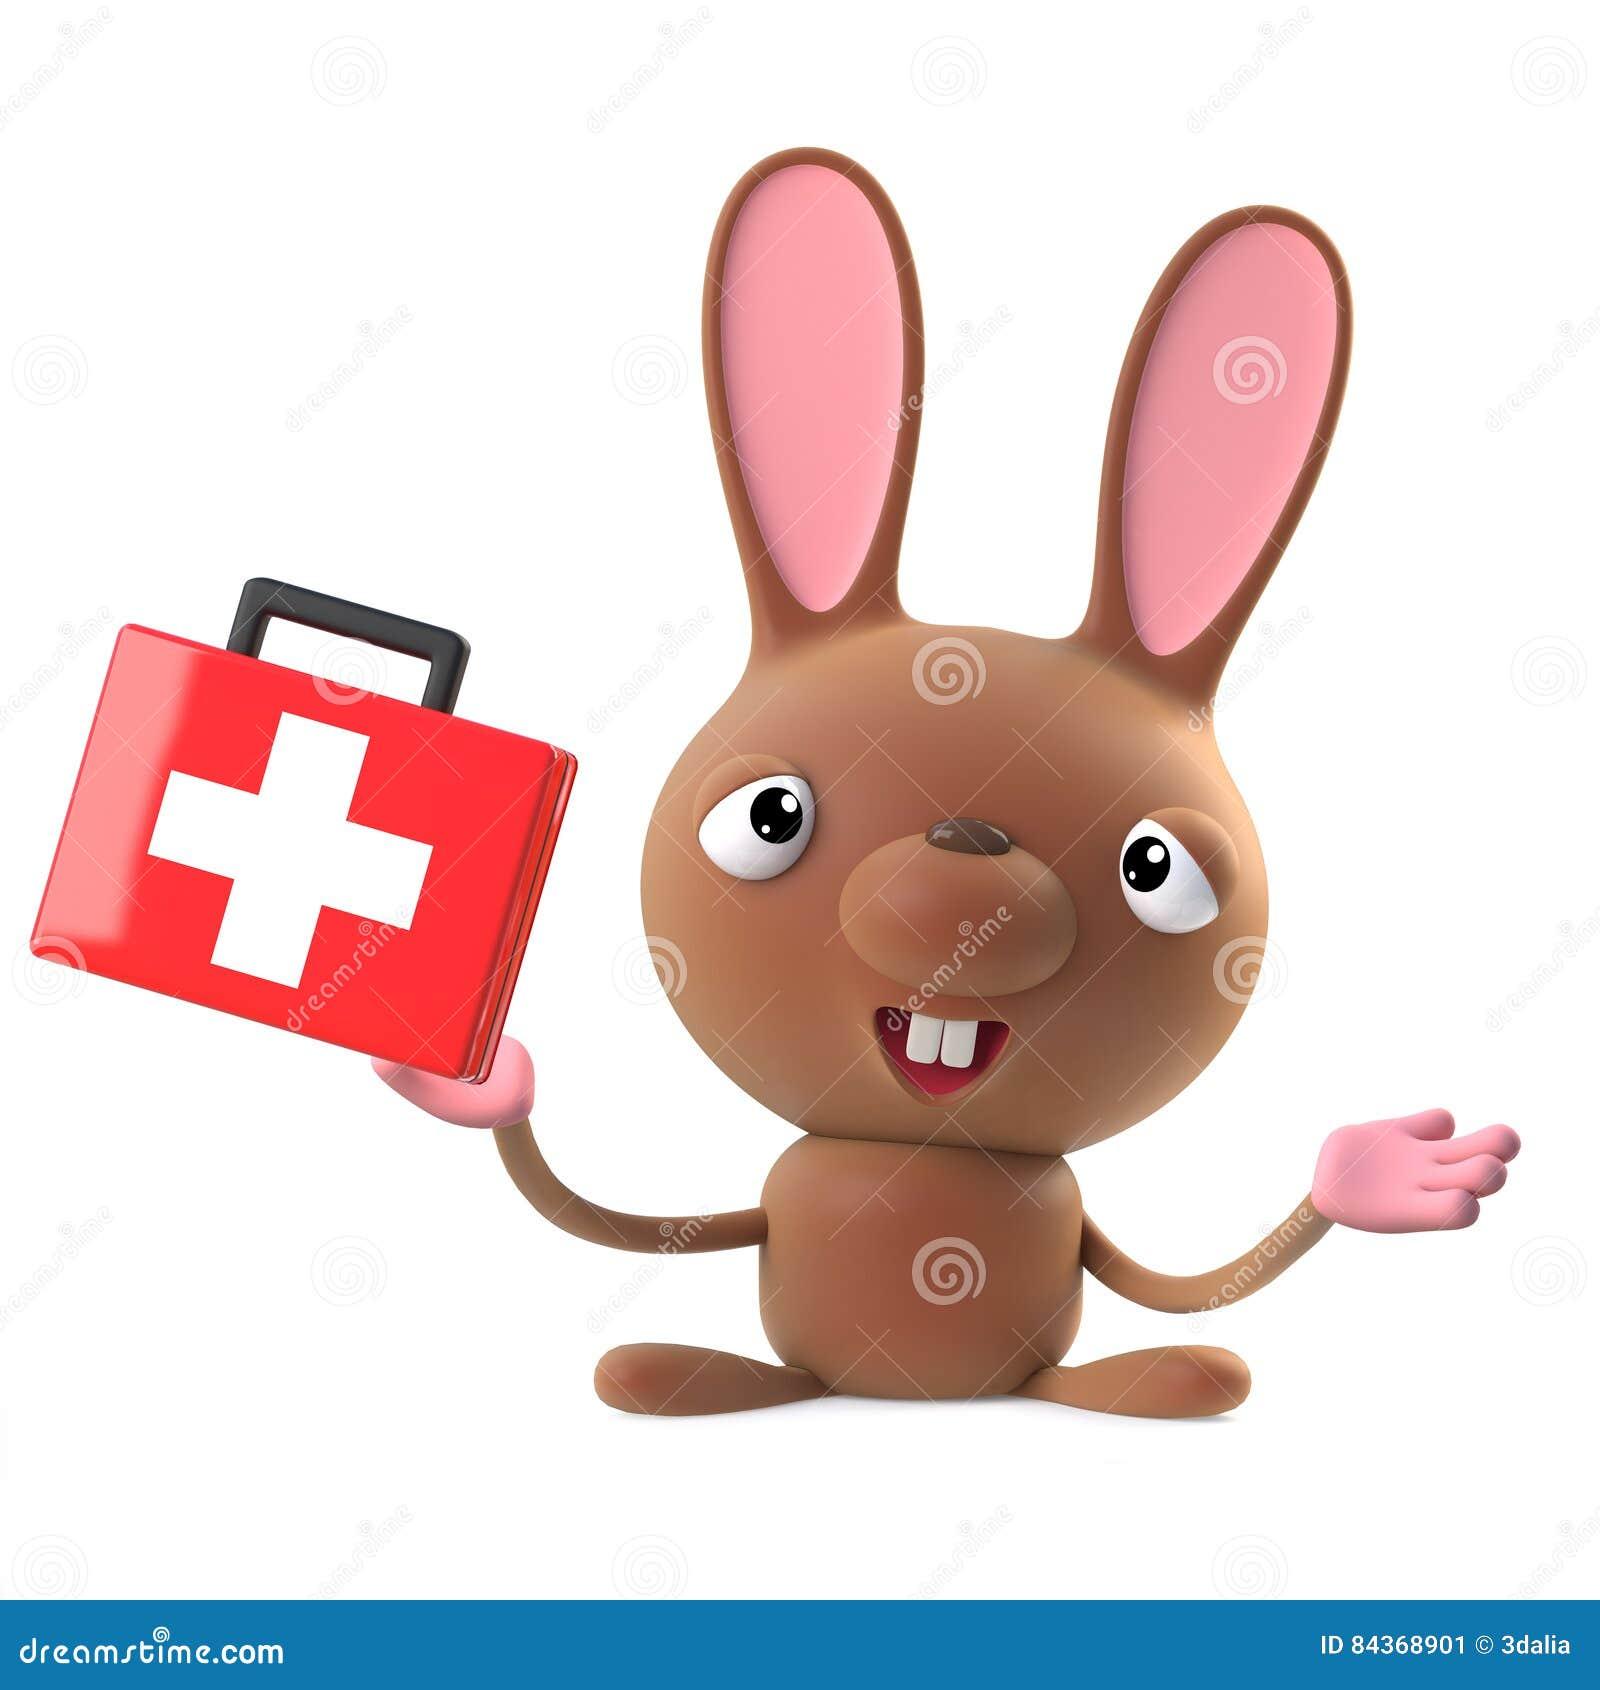 0c727cb80 3d rendem de um caráter bonito do coelho de coelhinho da Páscoa dos  desenhos animados que guarda um kit de primeiros socorros